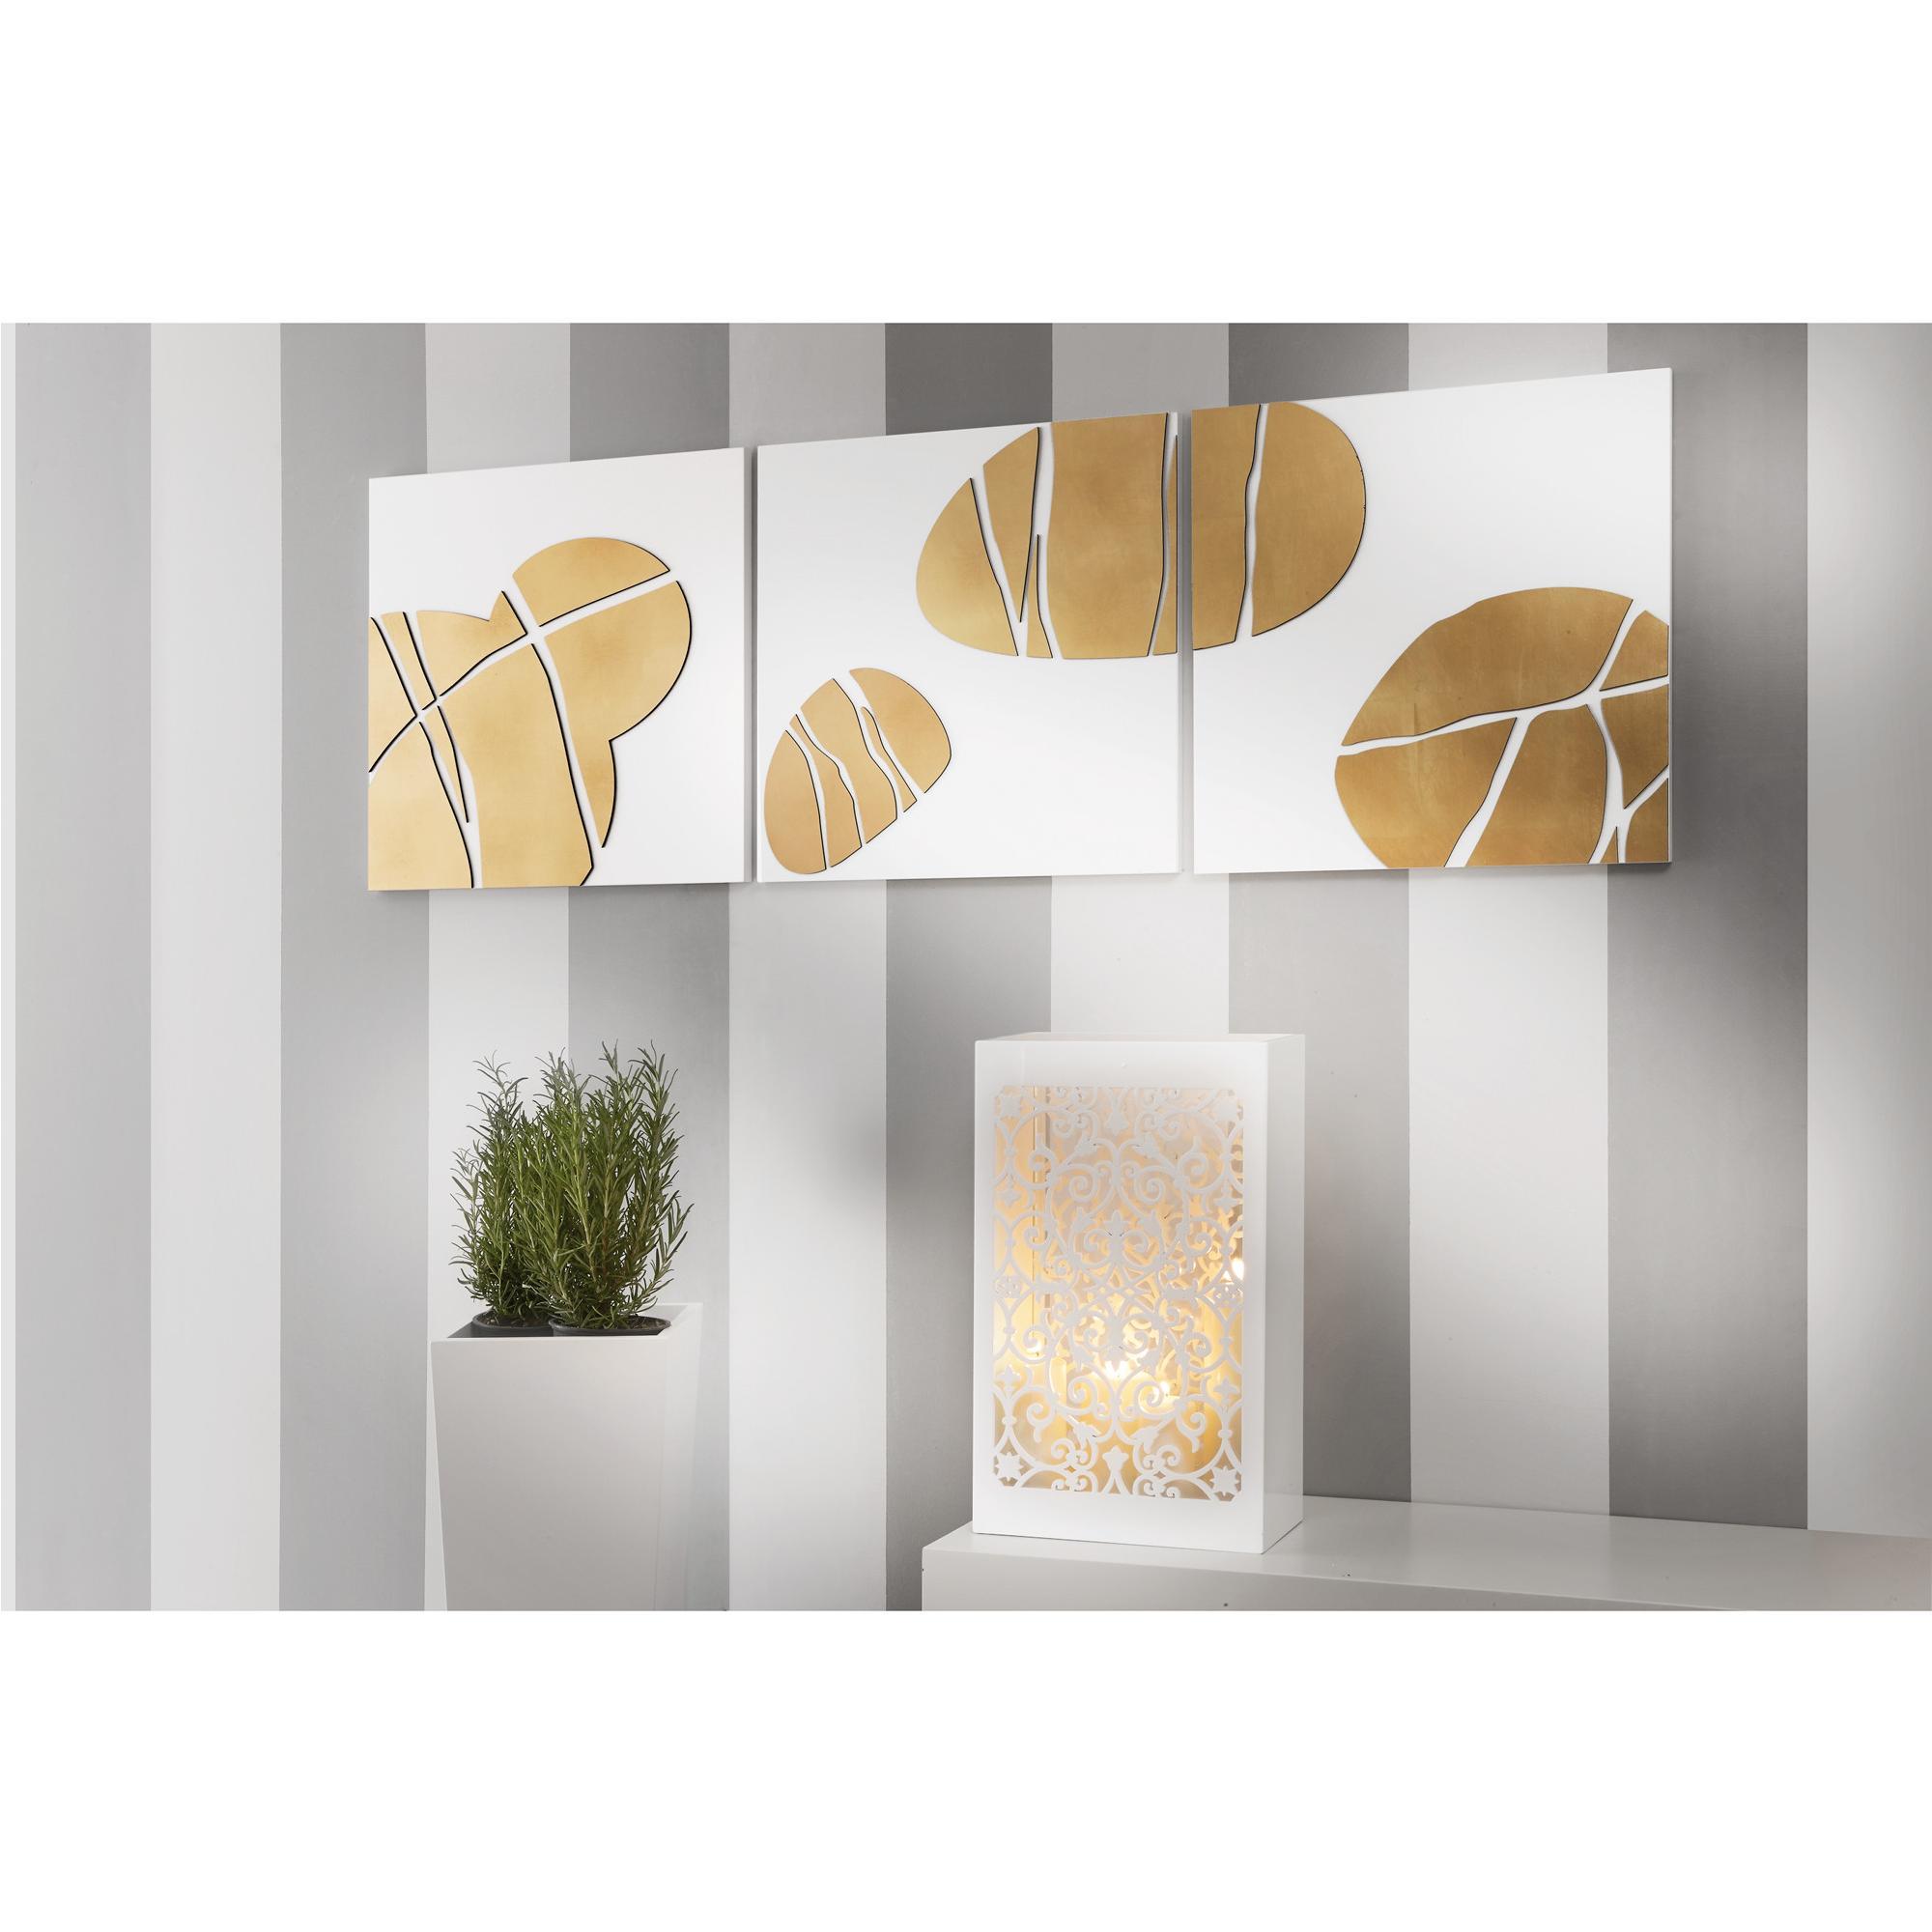 Tris Pannelli da parete in legno fondo bianco con foglia oro 150x50xh1,5 cm legno laccato bianco